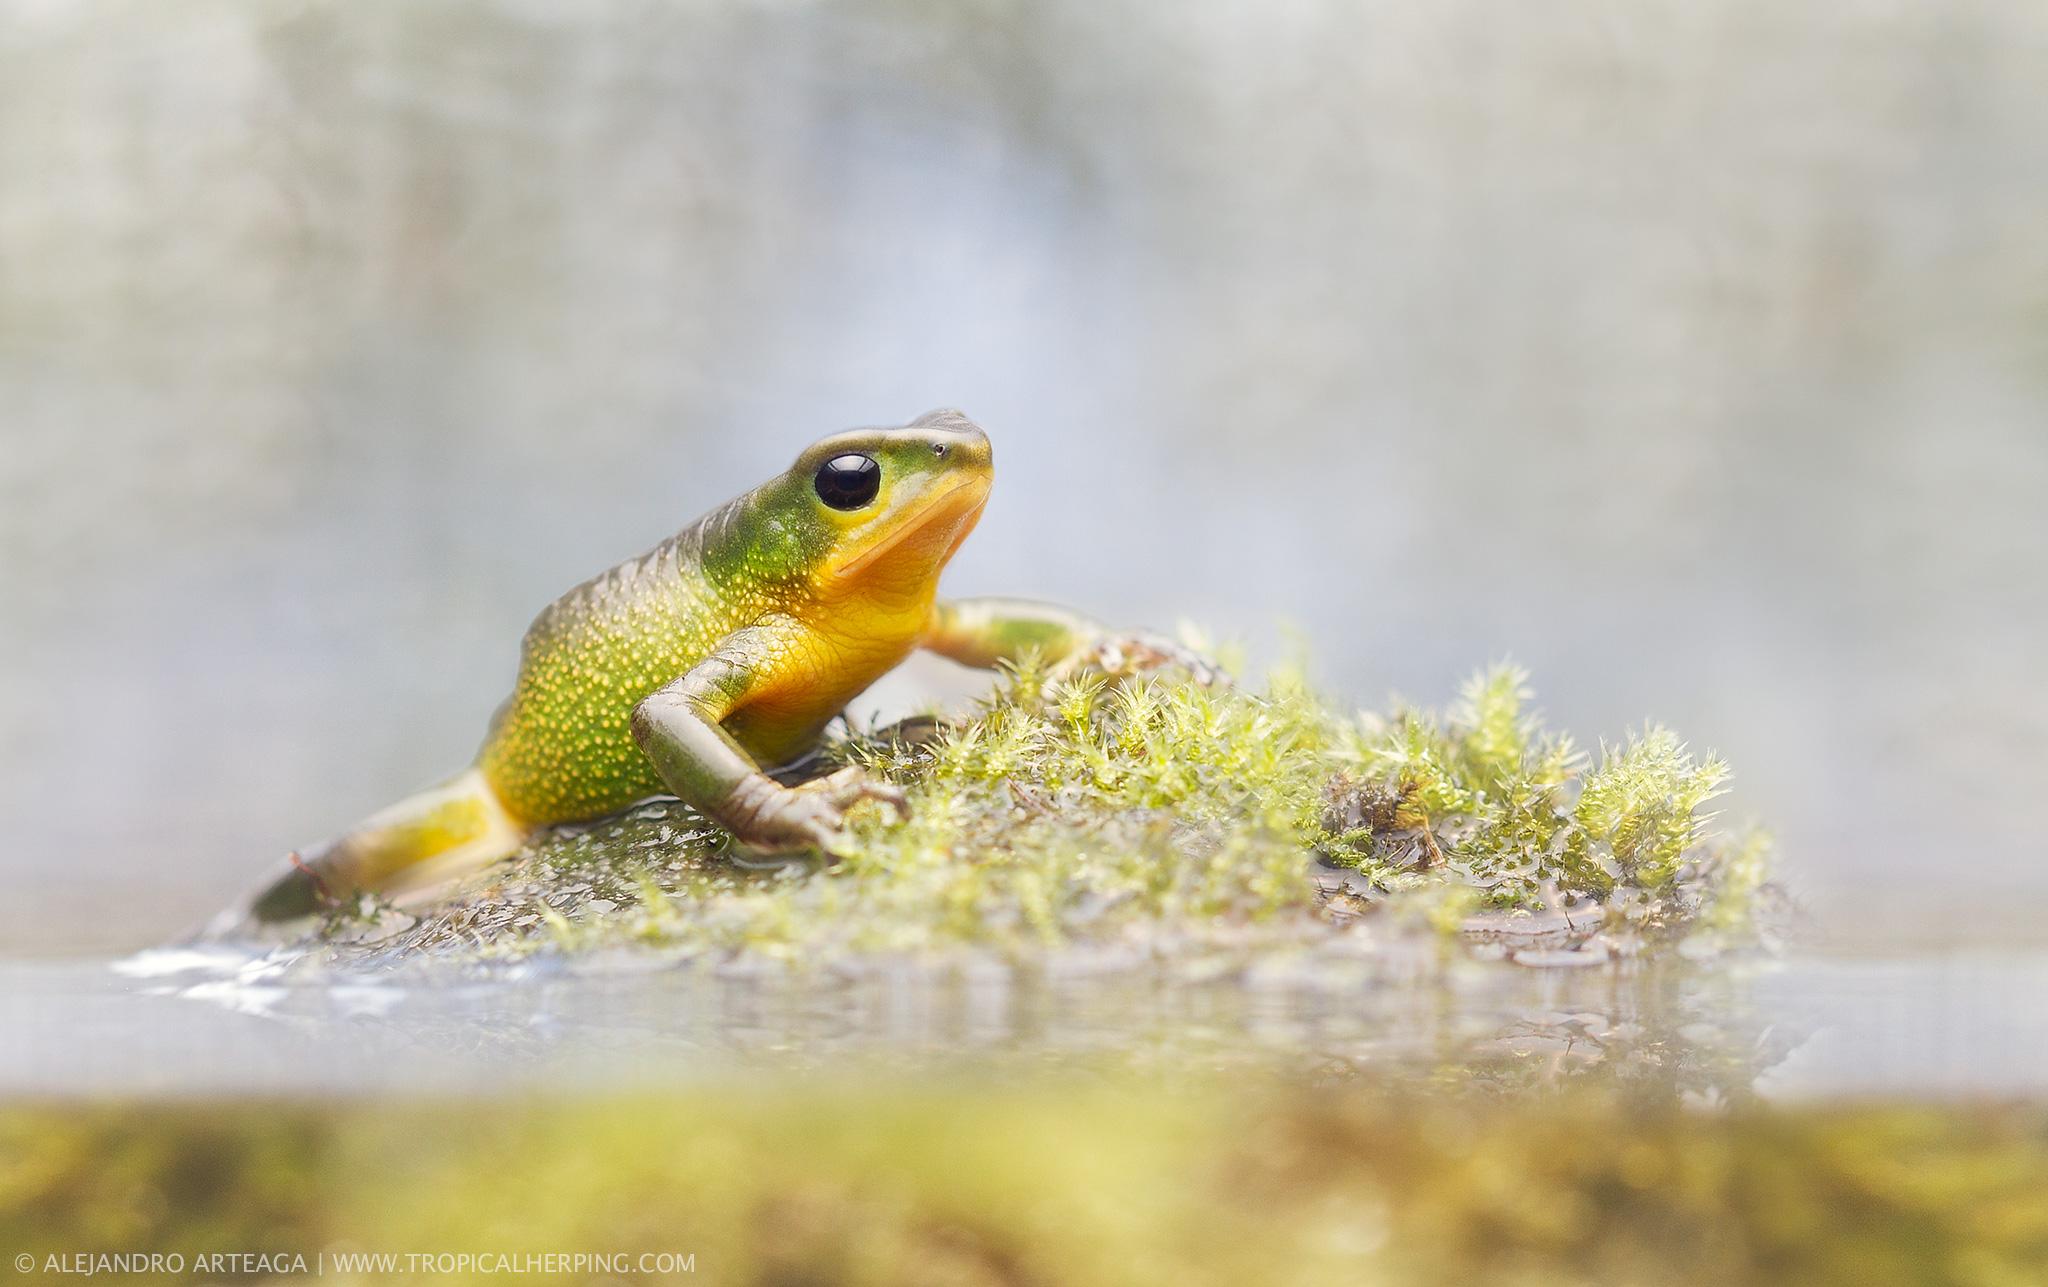 Zoo-Bioparque-Amaru-Cuenca-Conservación de la diversidad de anfibios ecuatorianos y uso sostenible de sus recursos genéticos